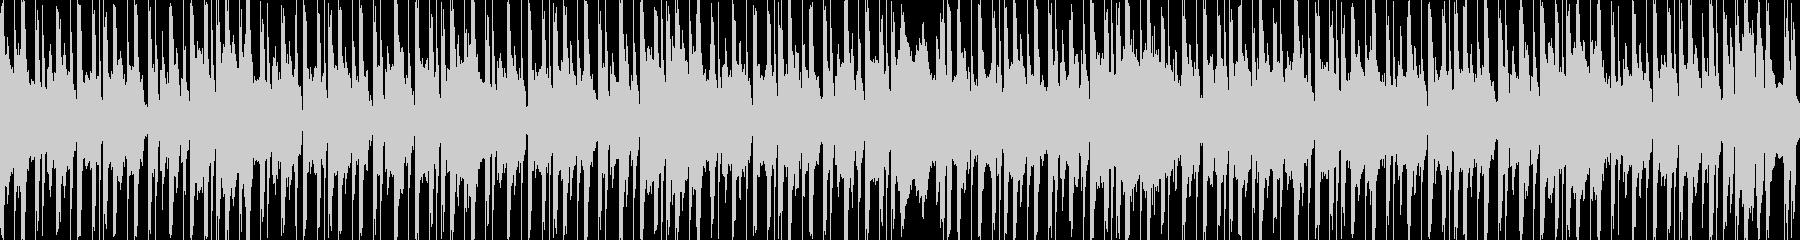 可愛らしく優しいループBGMの未再生の波形